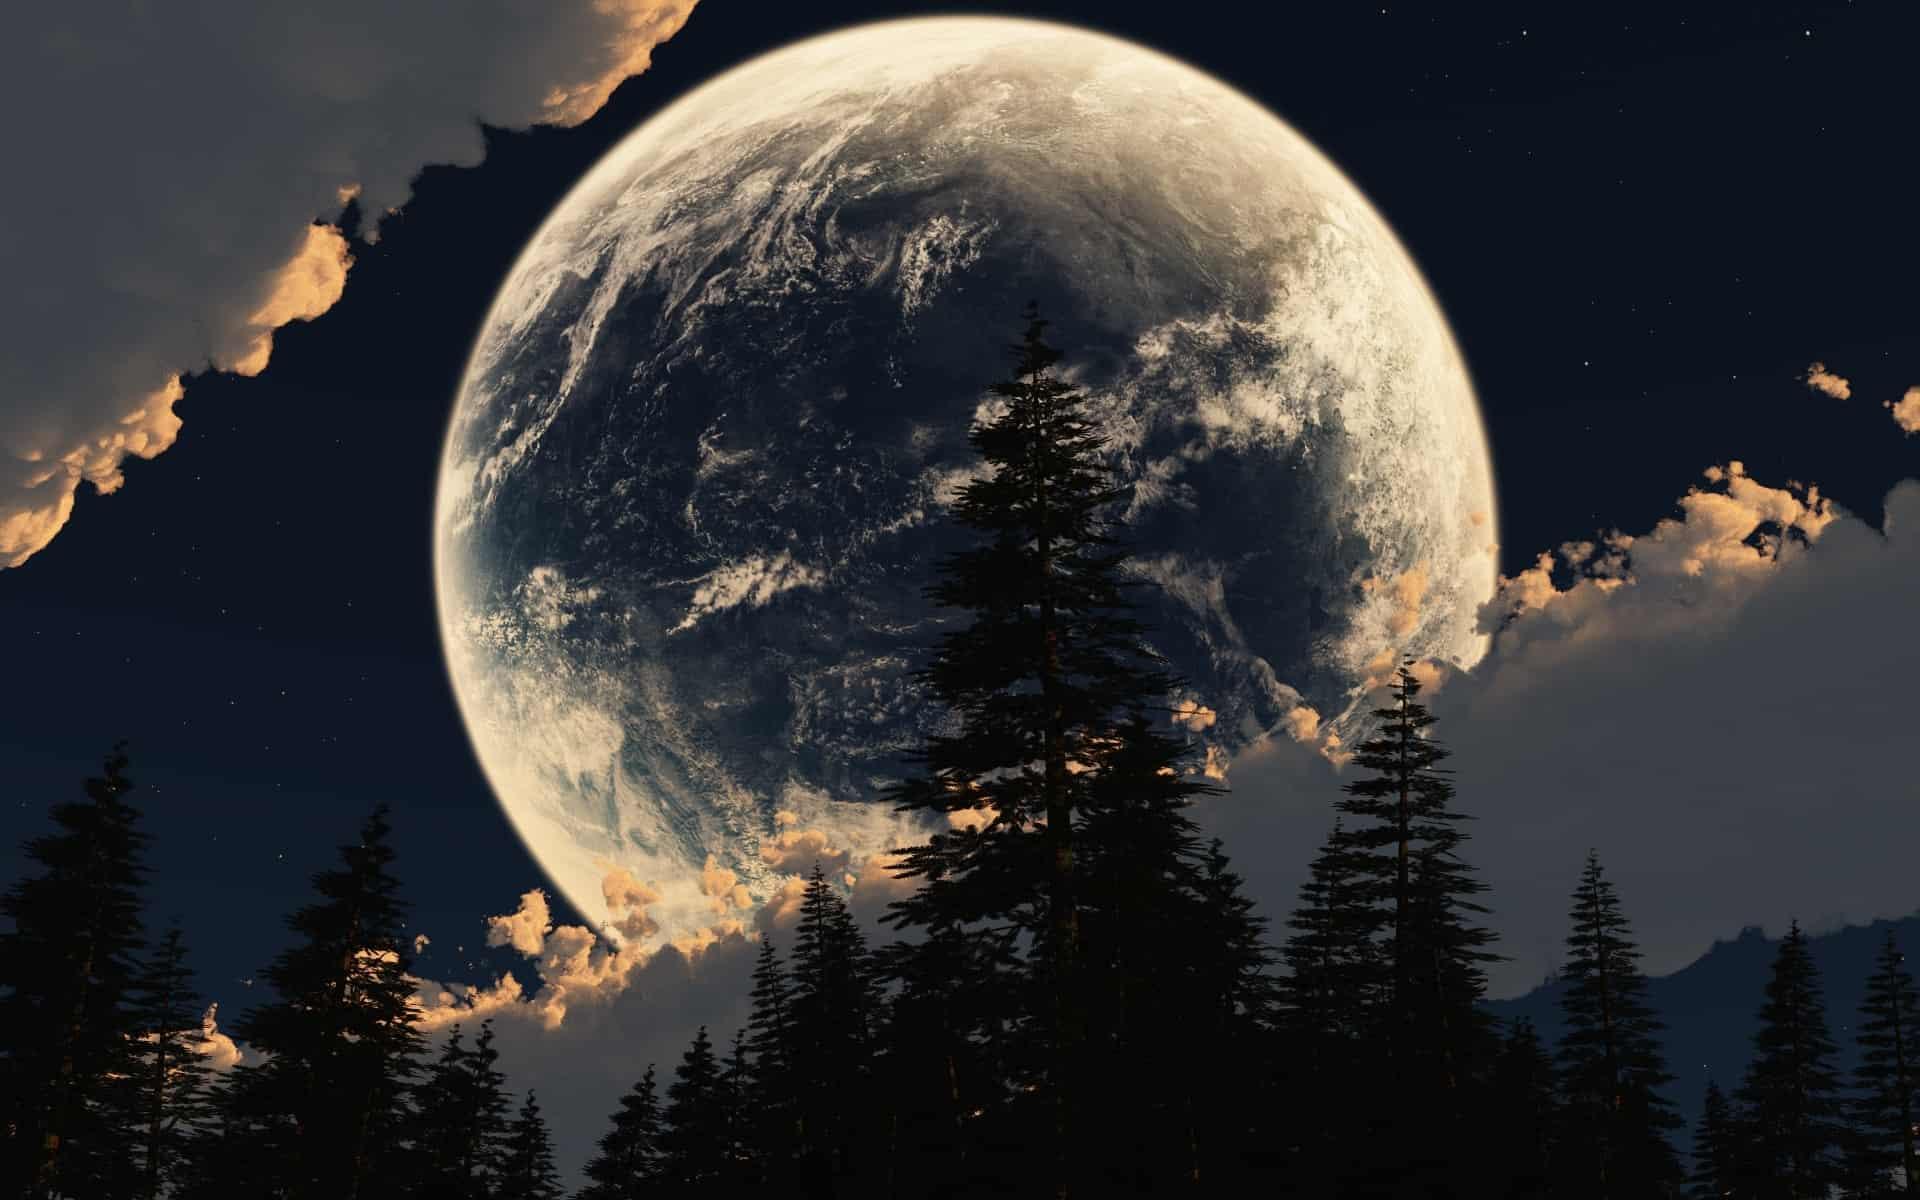 радиоведущая, была фото для рабочего стола луна лорак известна